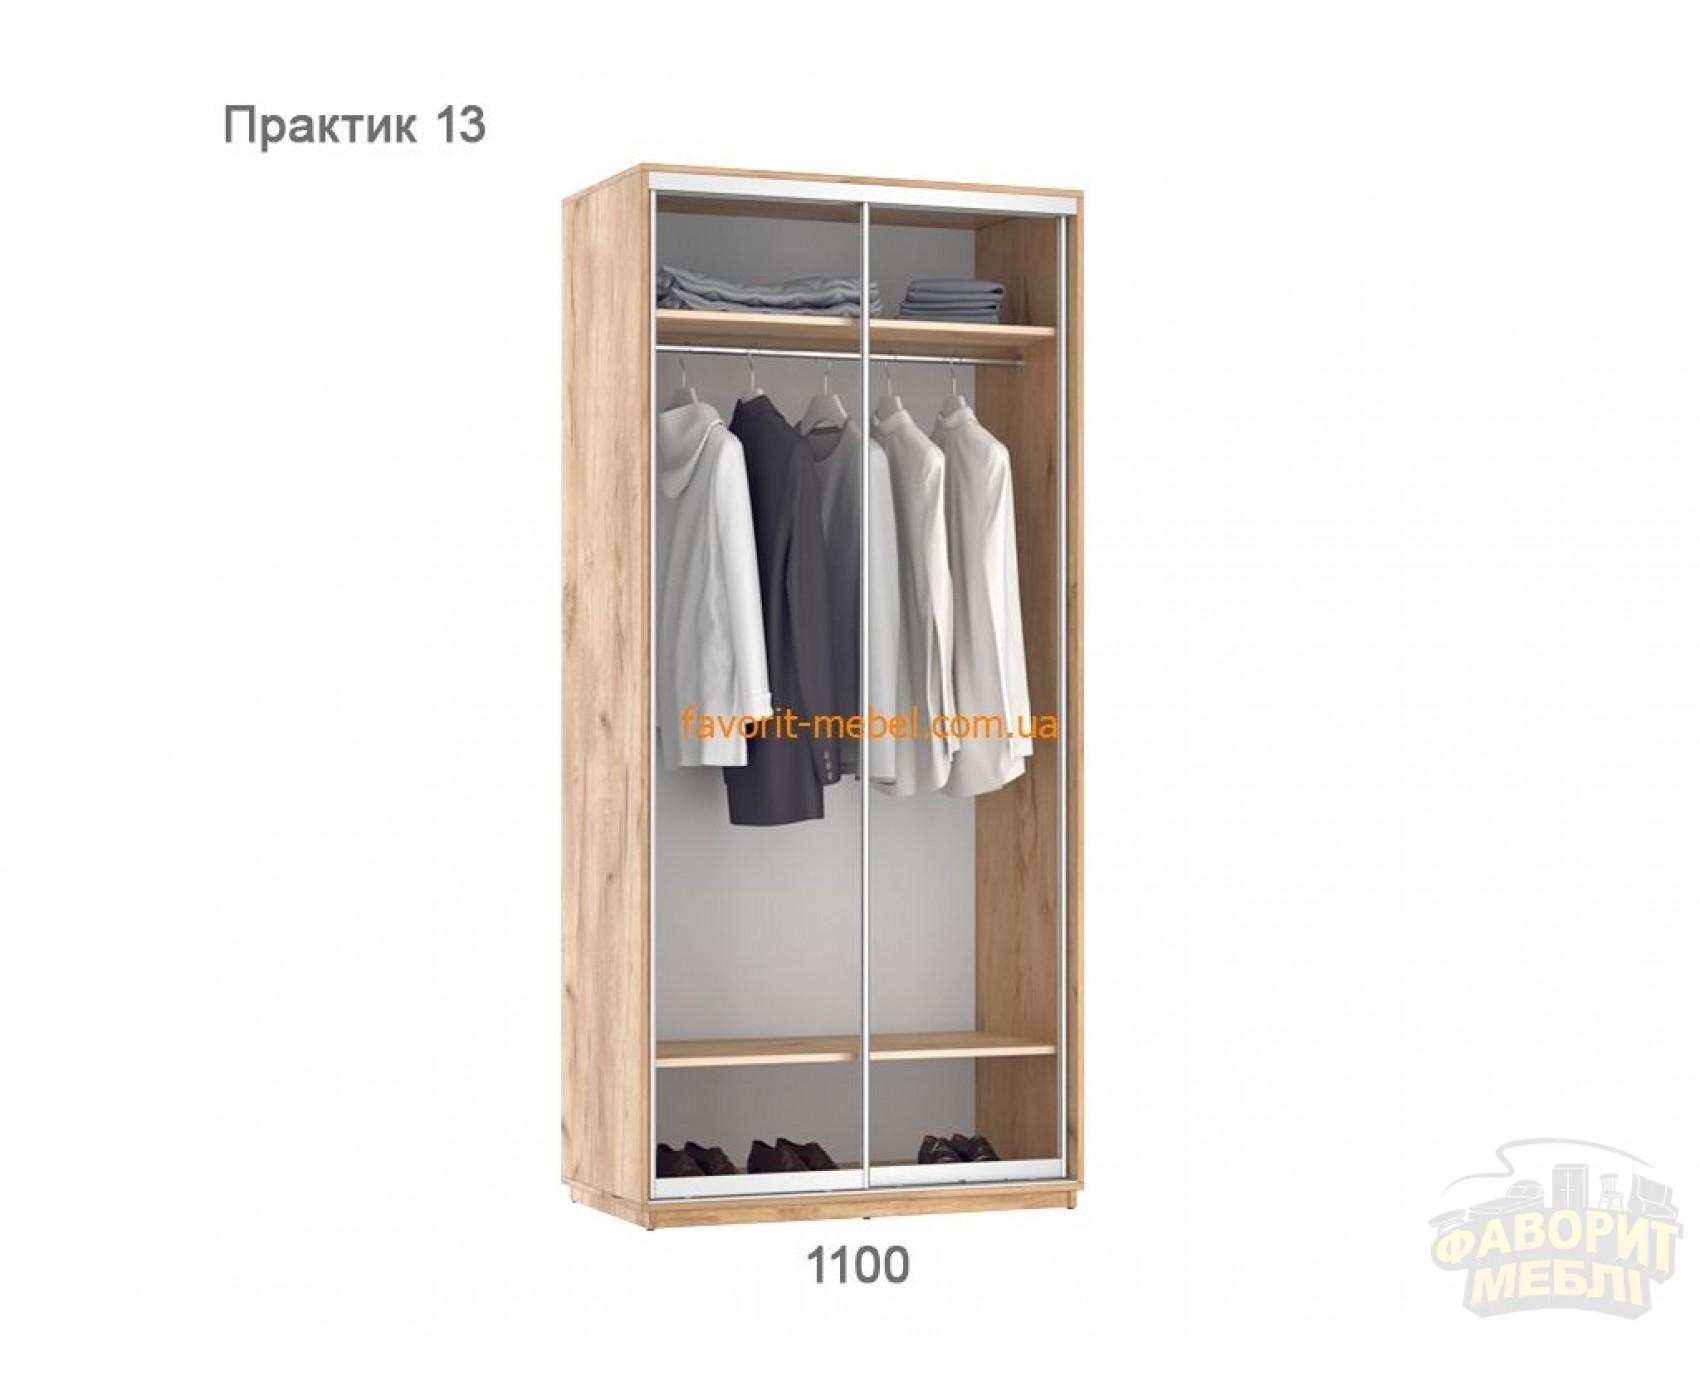 Шкаф купе Практик 13 (110х60х240 см)